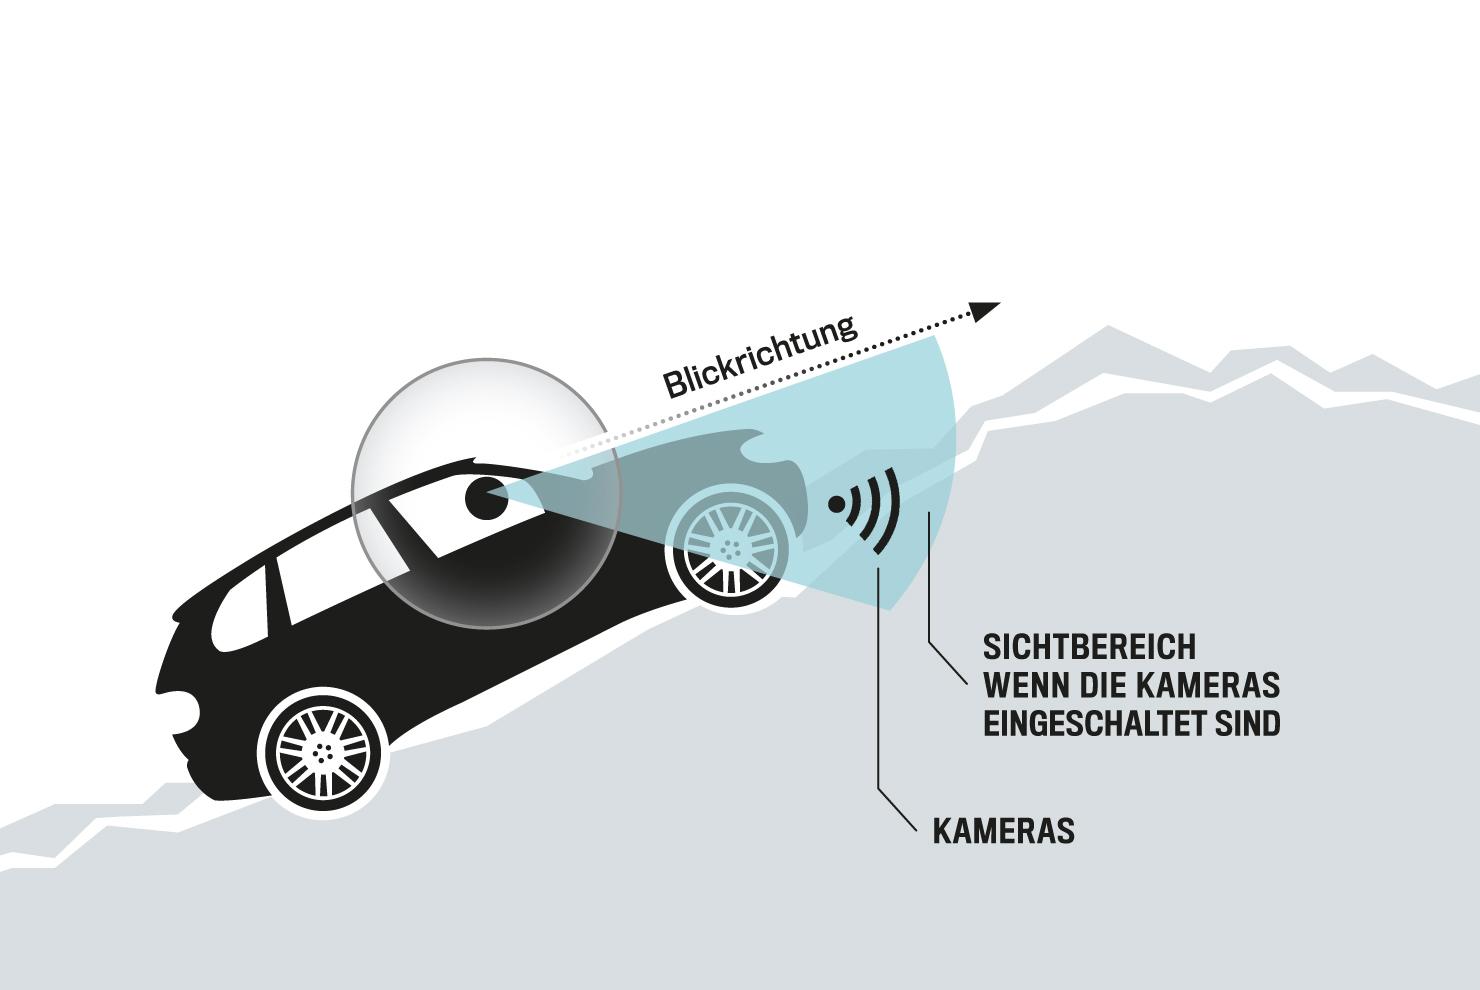 Hilfe nicht nur für Offroad-Fahrten Das Prinzip ist einfach: Kameras an der unteren Wagenfront nehmen auf, was sich bis etwa zur vorderen Achse unter dem Wagen befindet und übertragen die Bilder auf ein Head-up-Display. Das hilft auch zum Beispiel beim Einparken mit Bordsteinen.